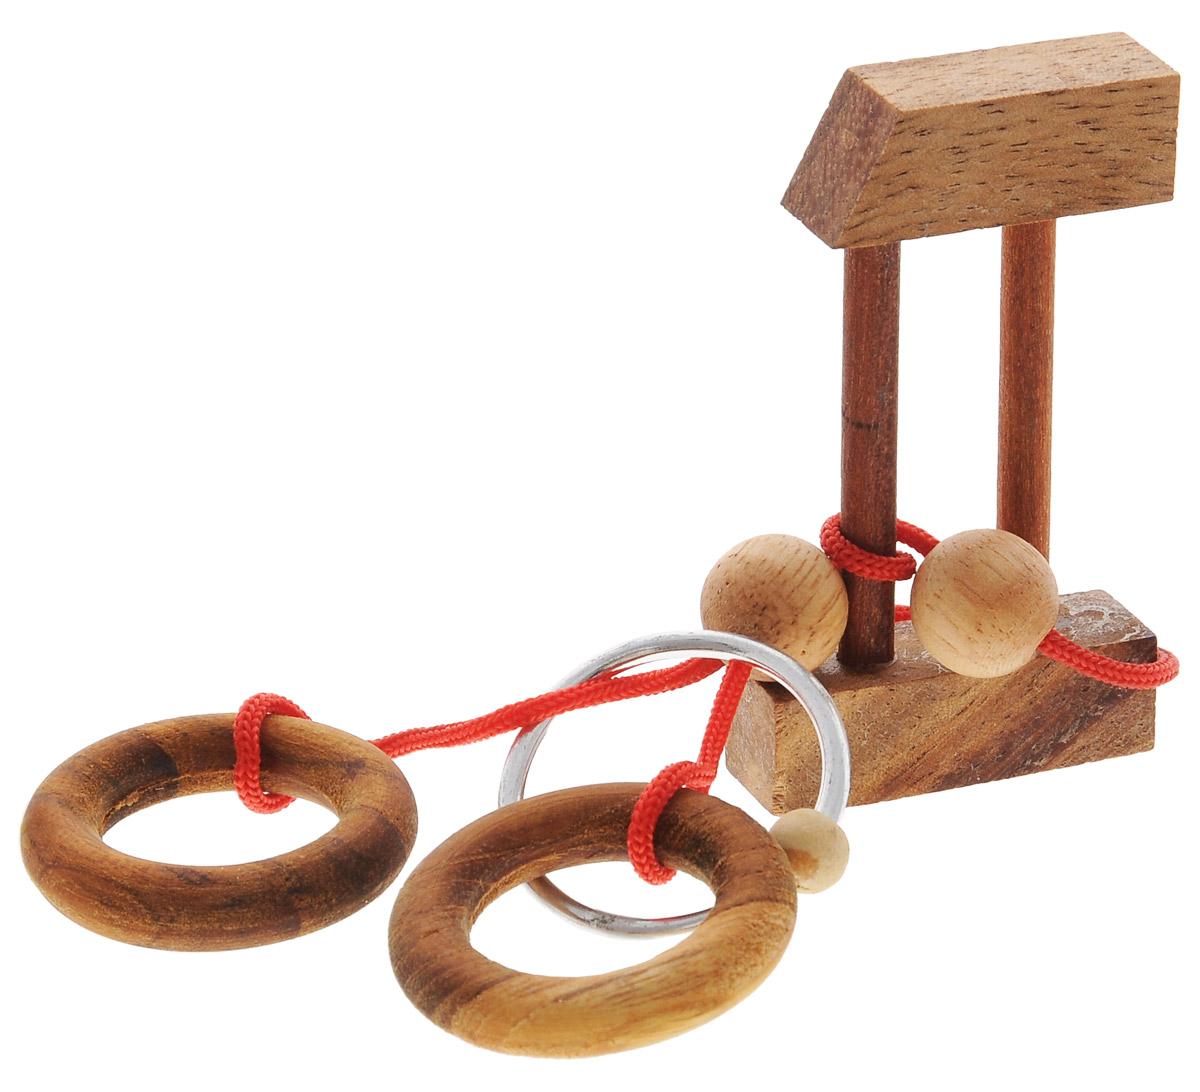 """Головоломка Dilemma """"Кольцо в замке"""", выполненная из дерева, текстиля и металла, станет отличным подарком всем любителям головоломок! Освободите серебряное кольцо. Использование ножниц запрещено... Получилось? Попробуйте поместить серебряное кольцо обратно. Слишком сложно? Воспользуйтесь подсказкой из предложенного решения. Игра рассчитана на одного игрока. Головоломка Dilemma """"Кольцо в замке"""" стимулирует логику, пространственное мышление и мелкую моторику рук."""